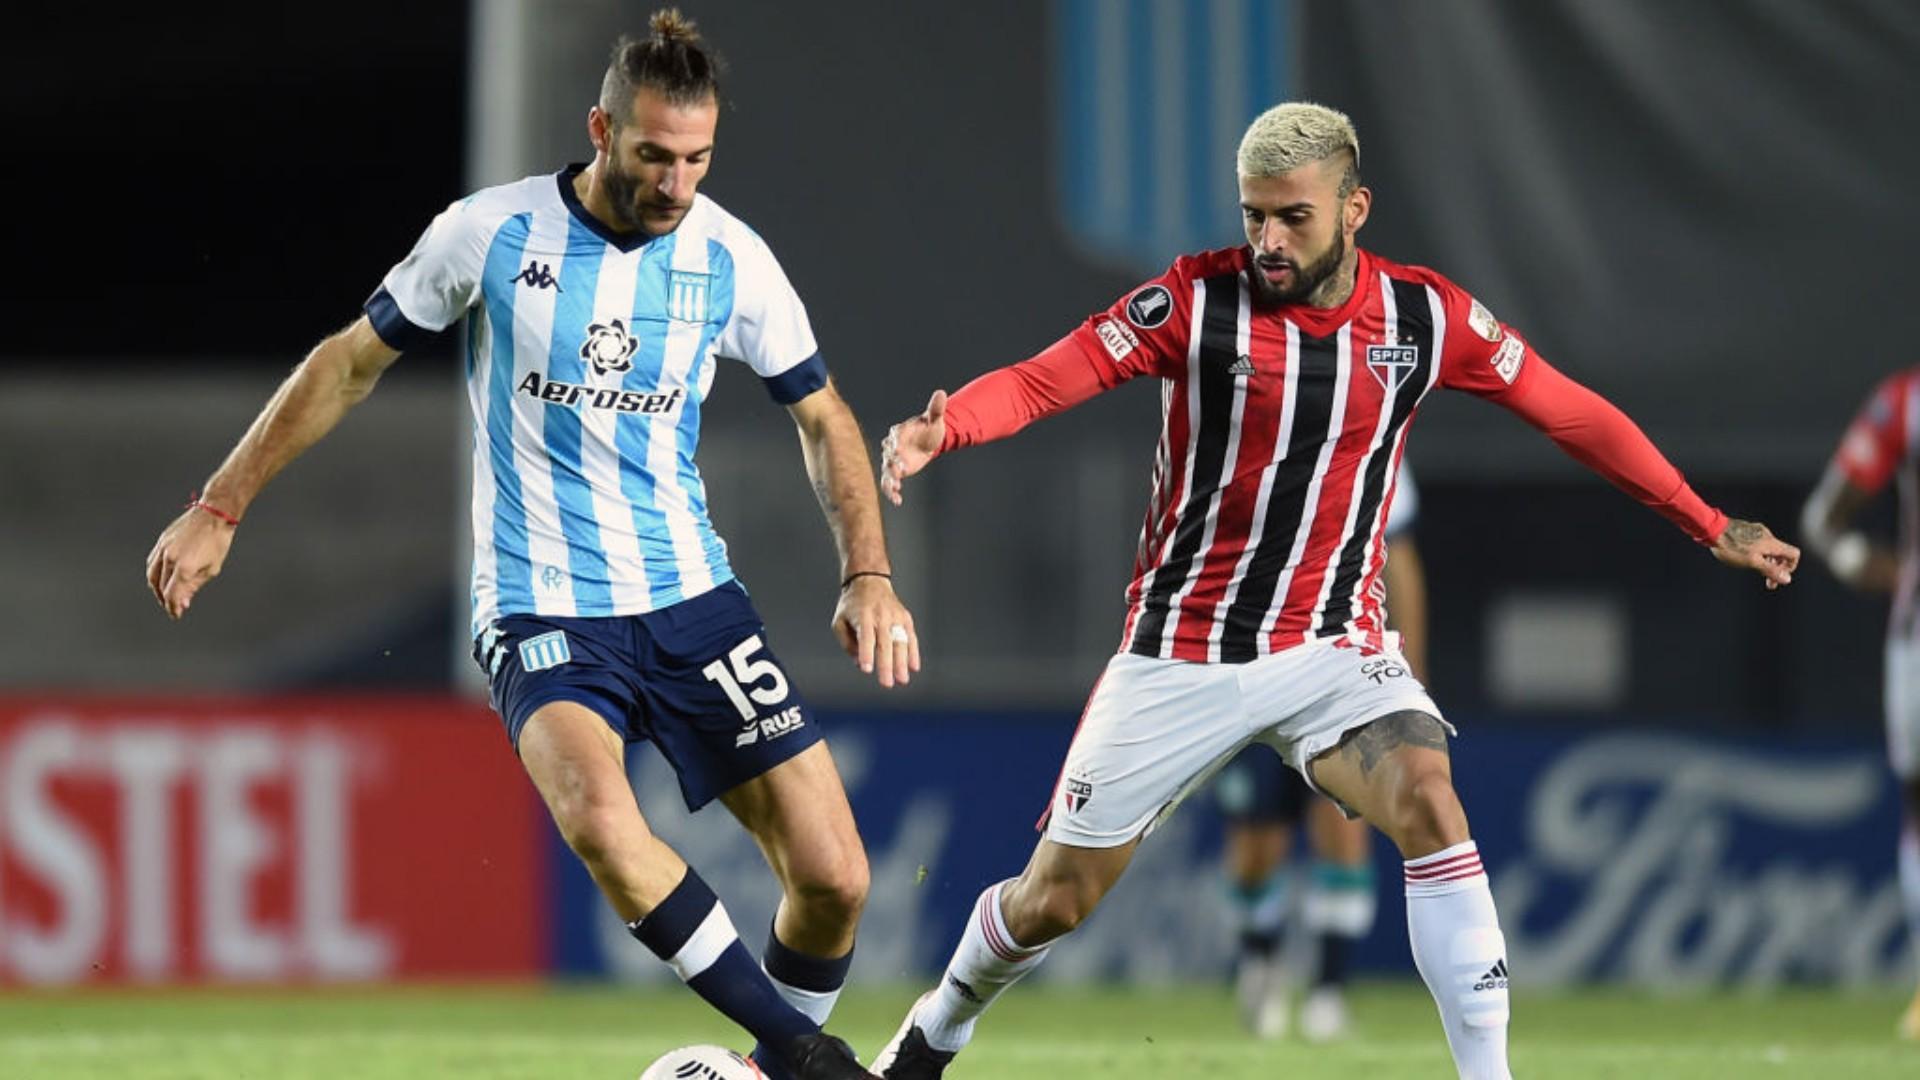 Sao Paulo vs. Racing, por la Copa Libertadores: formaciones, día, hora y  cómo ver por TV y online   Goal.com